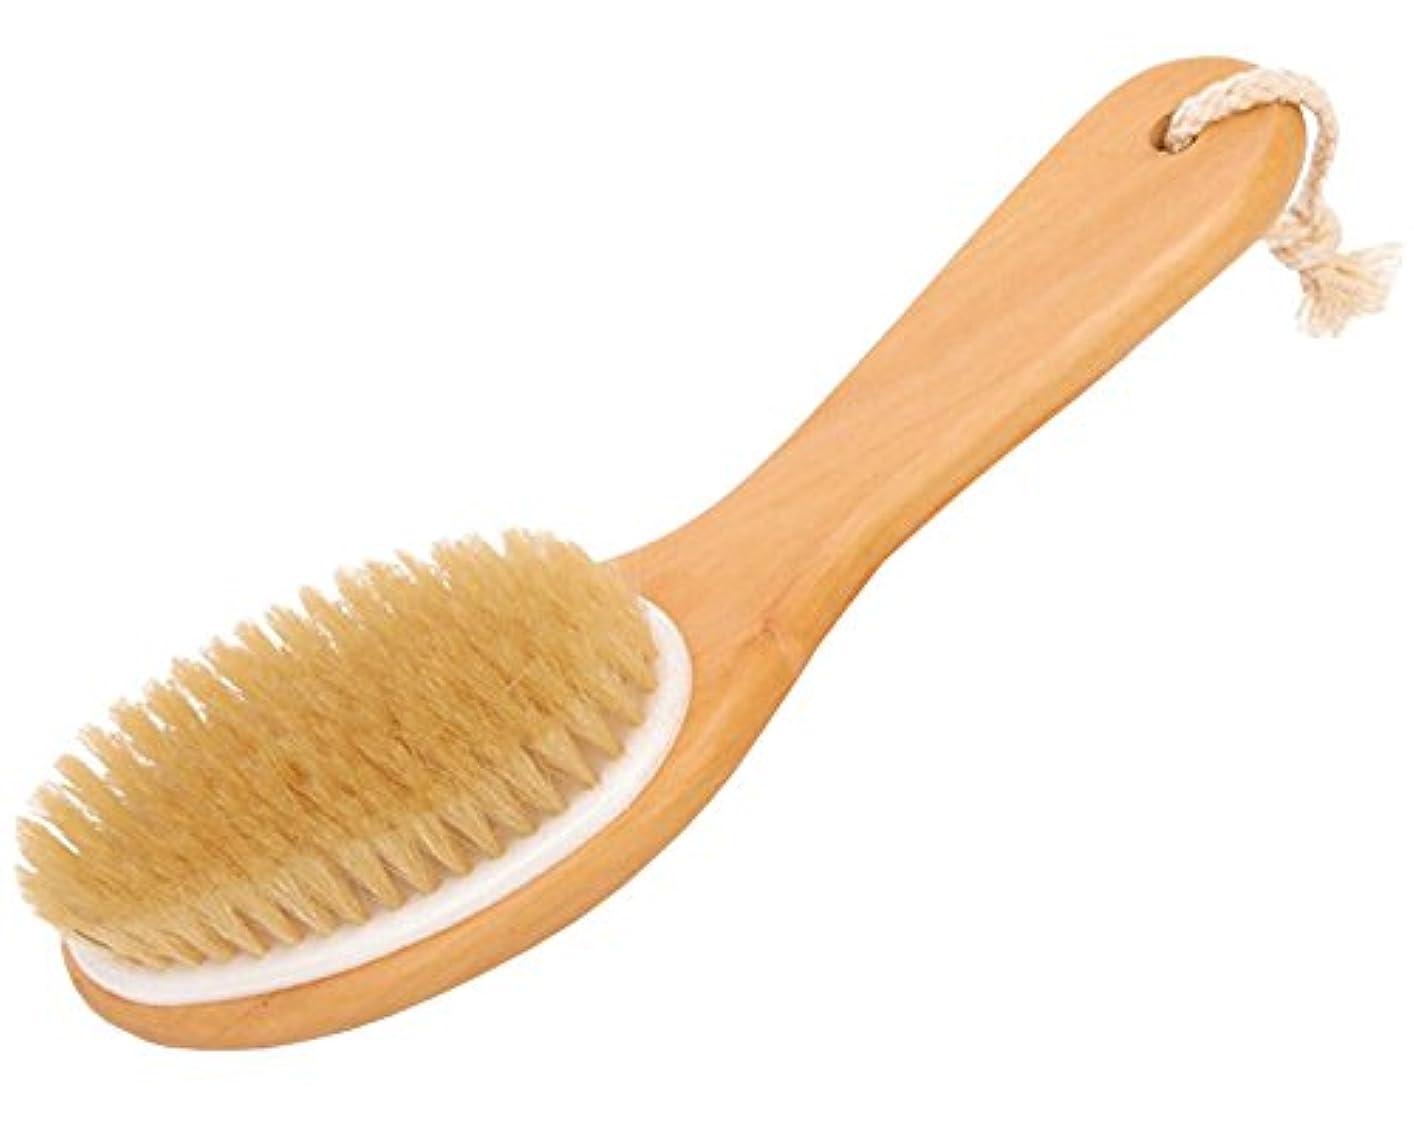 規制ペルセウスセンターFoucome ボディブラシ ロング マッサージ 豚毛100% 長柄 角質除去 美肌効果 背中 最高品質 天然材 お風呂グッズ 毛穴洗浄 血行促進 イェロー